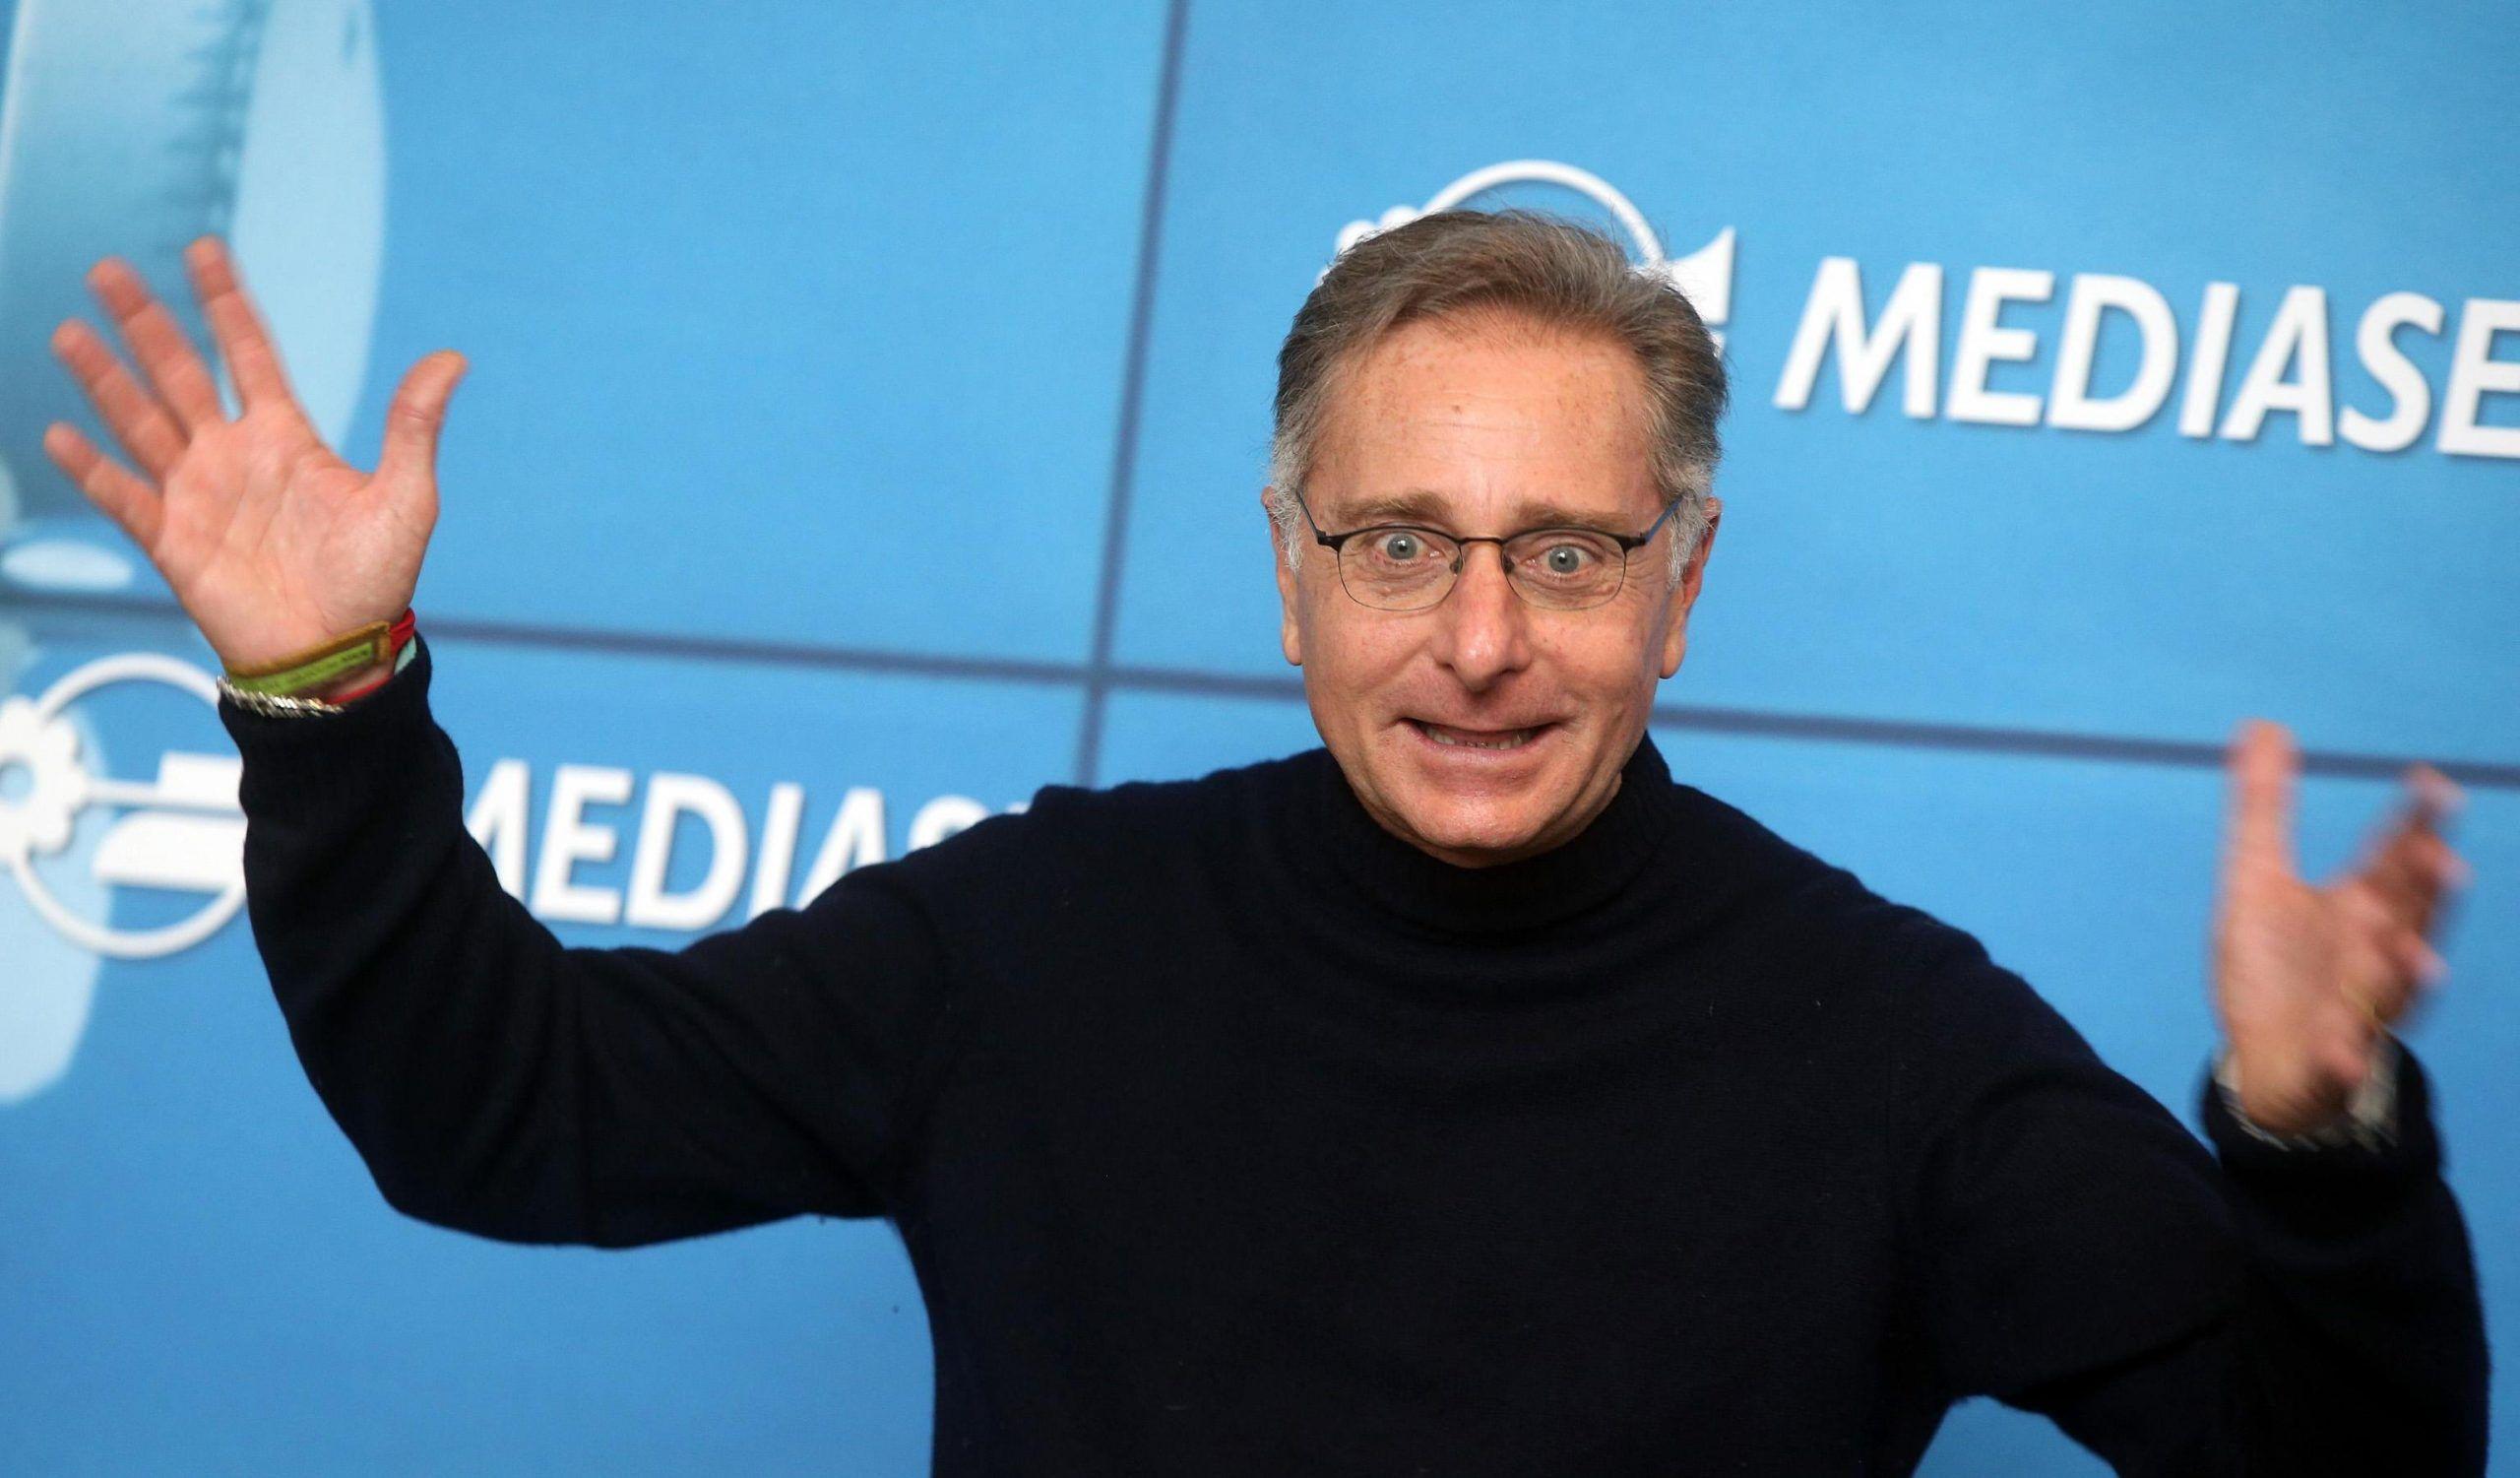 Conferenza stampa Mediaset